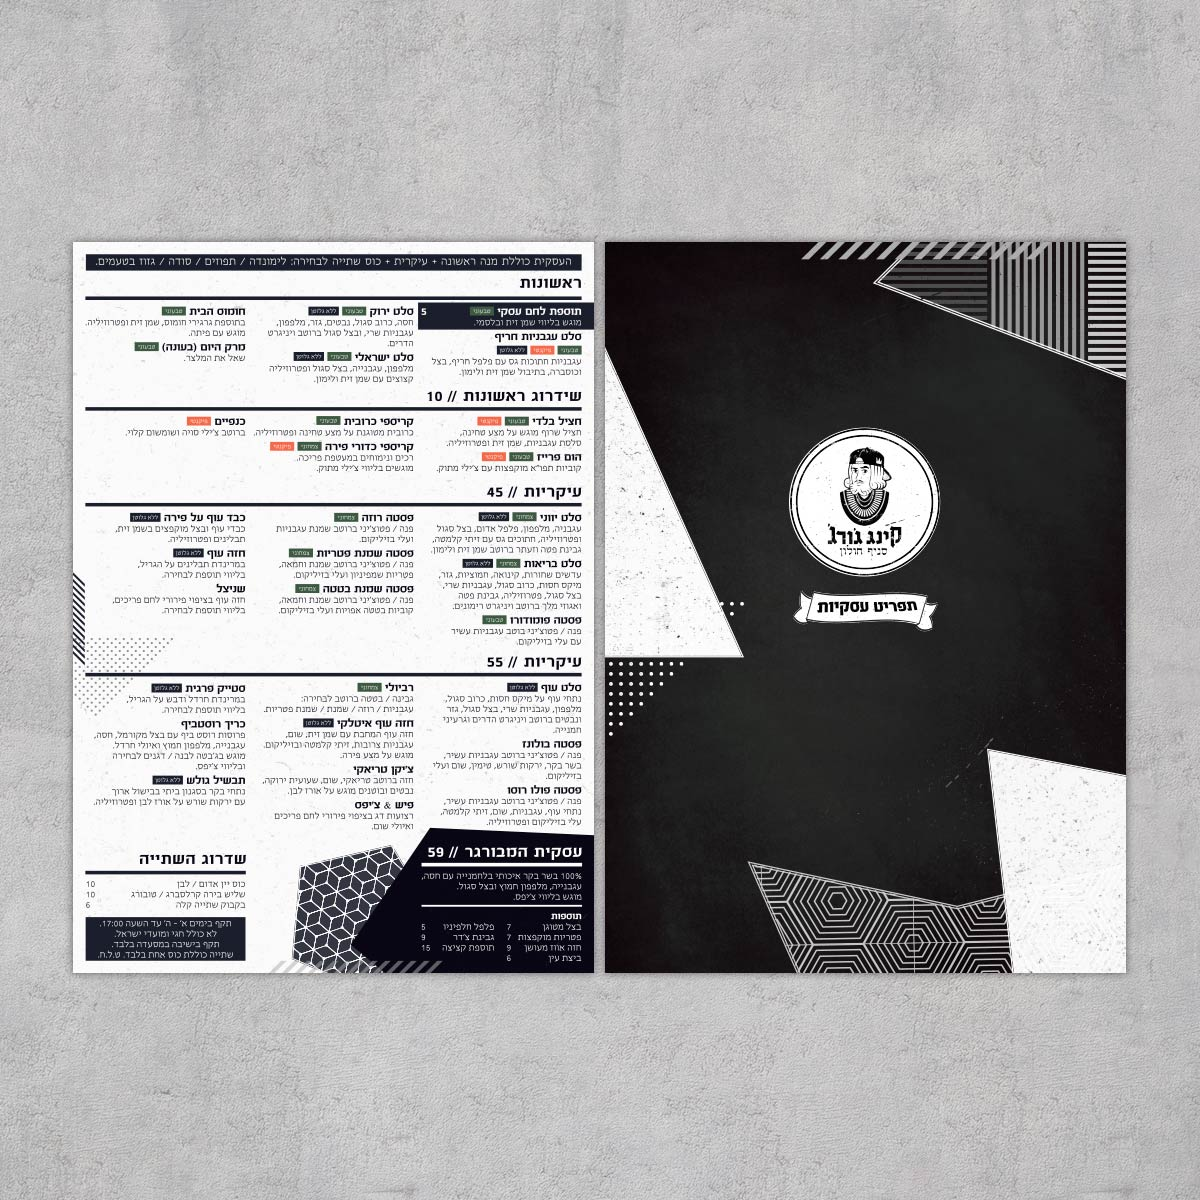 עיצוב תפריט עסקיות למסעדה קינג ג'ורג' חולון | ליאור דקל ליבה